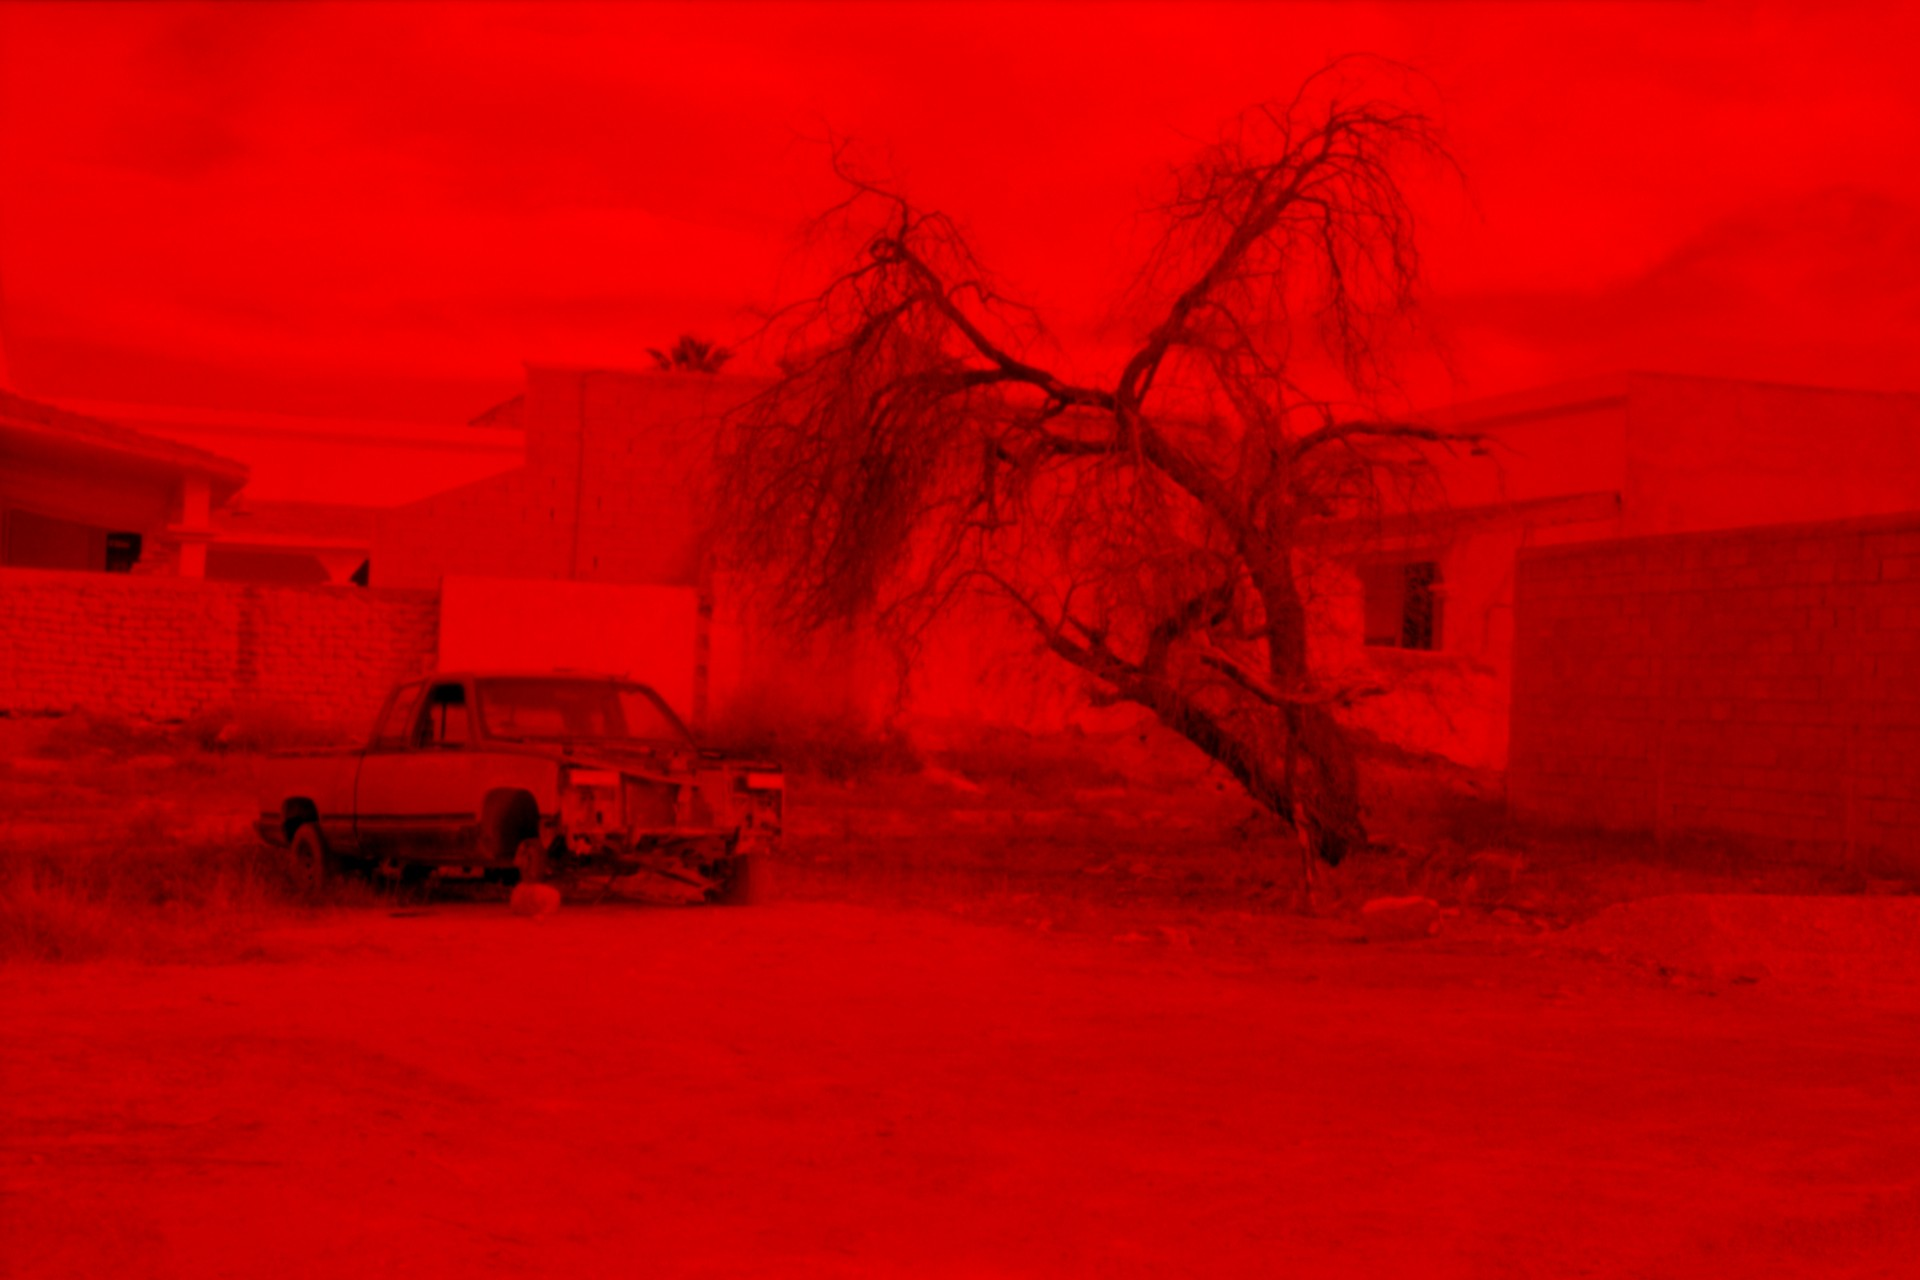 Fotó: Koleszár Adél: Torreon városképe, részlet Az erőszak sebei című sorozatból